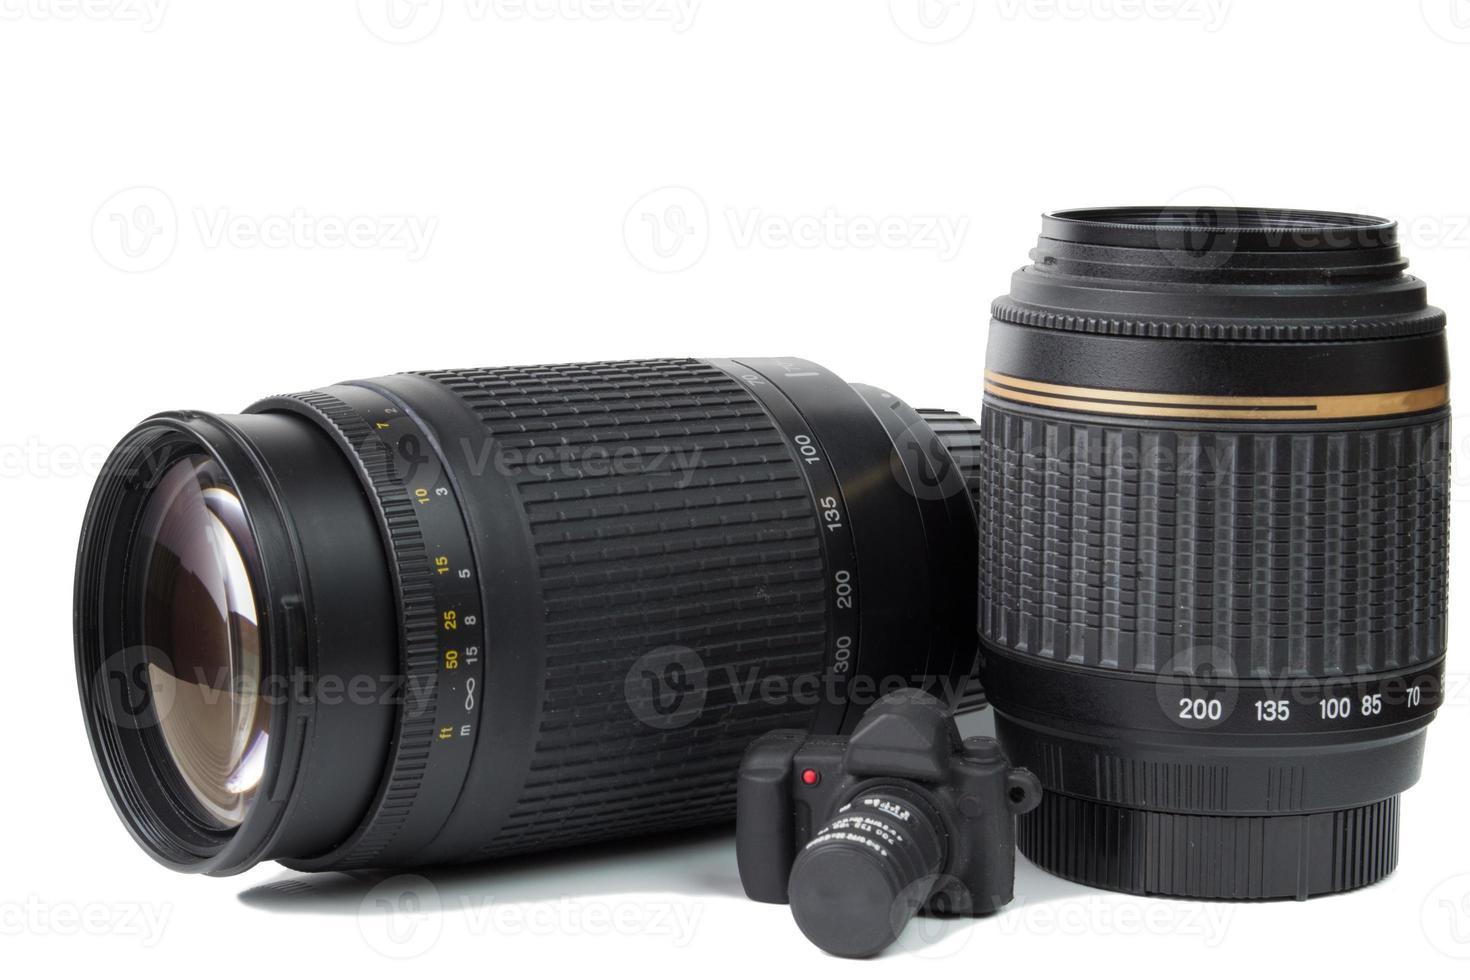 fotocamera e due obiettivi. foto